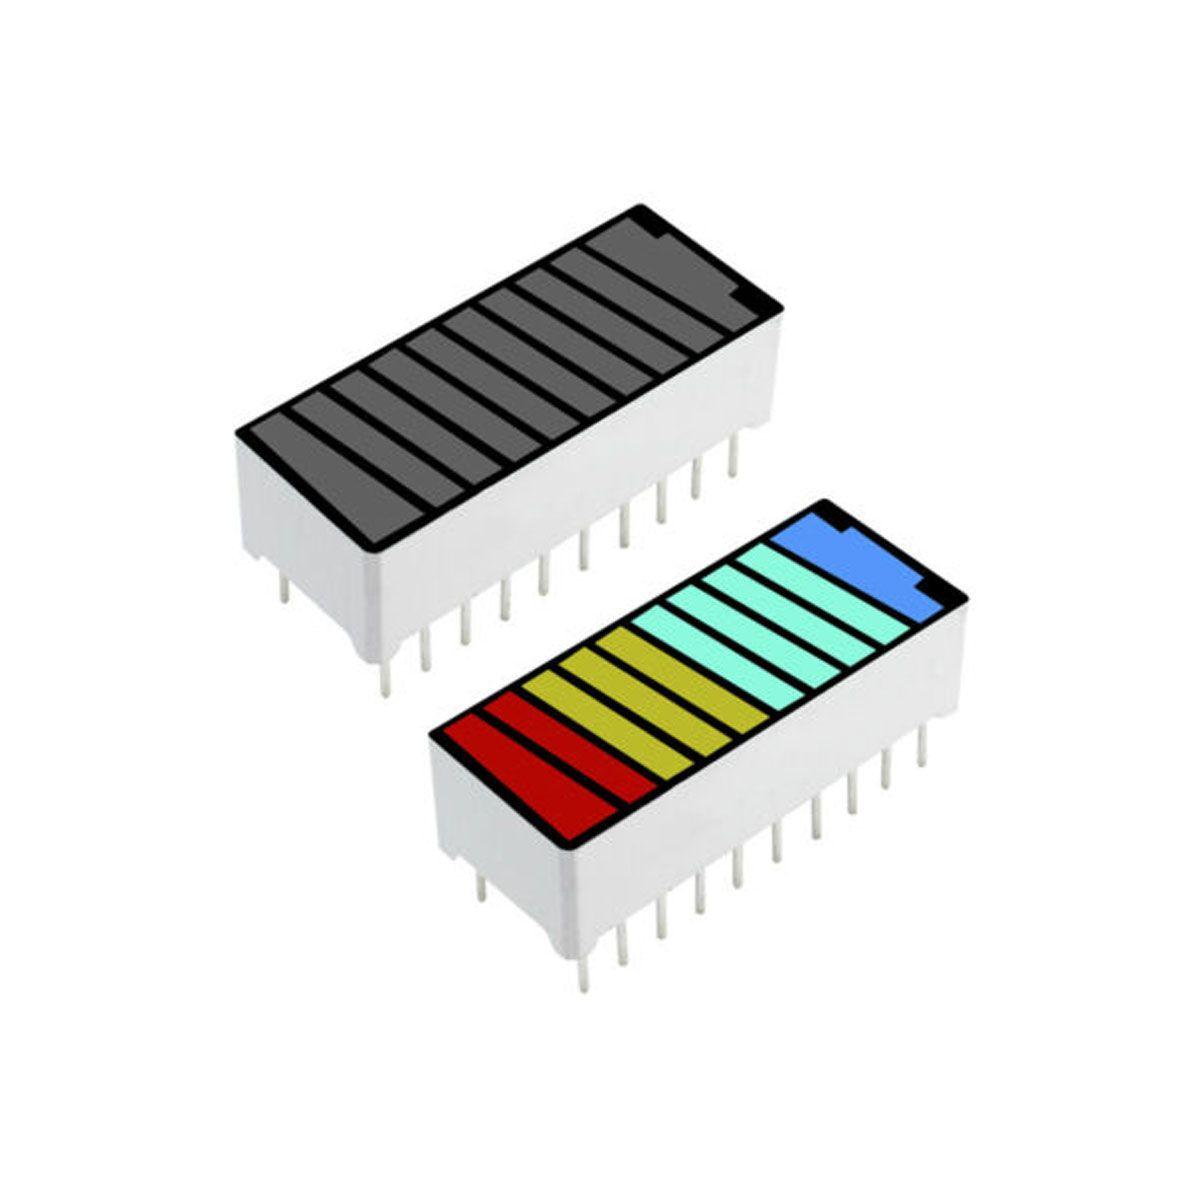 Display Bar Graph / Barra de Progresso com 4 cores 10 segmentos - Desenho Bateria